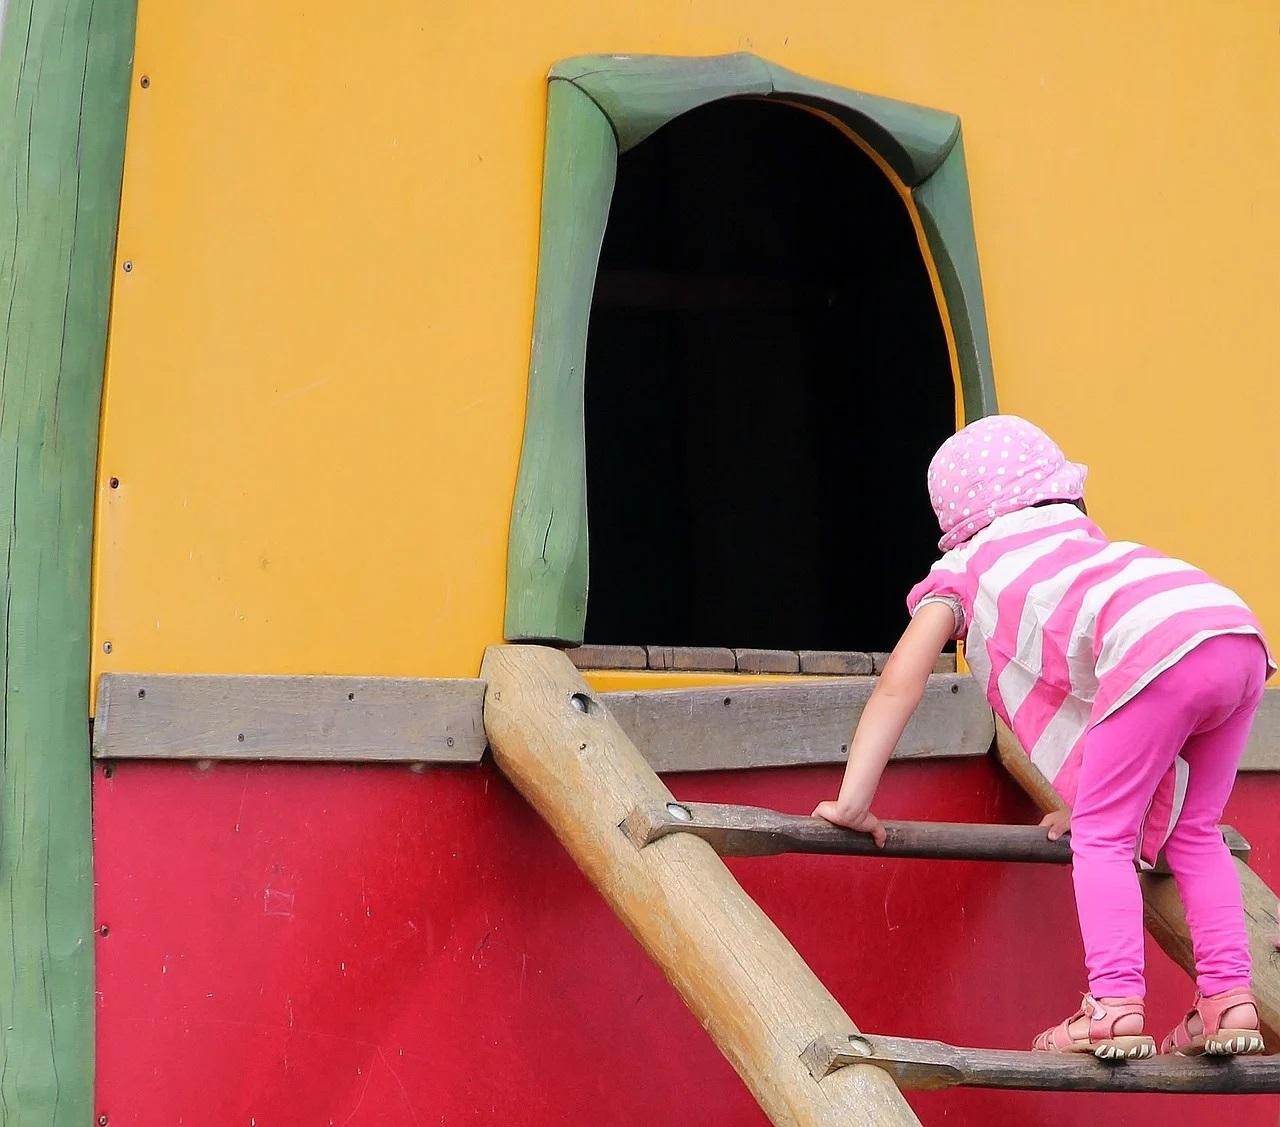 Pourquoi emmener son enfant dans des aires de jeux ?